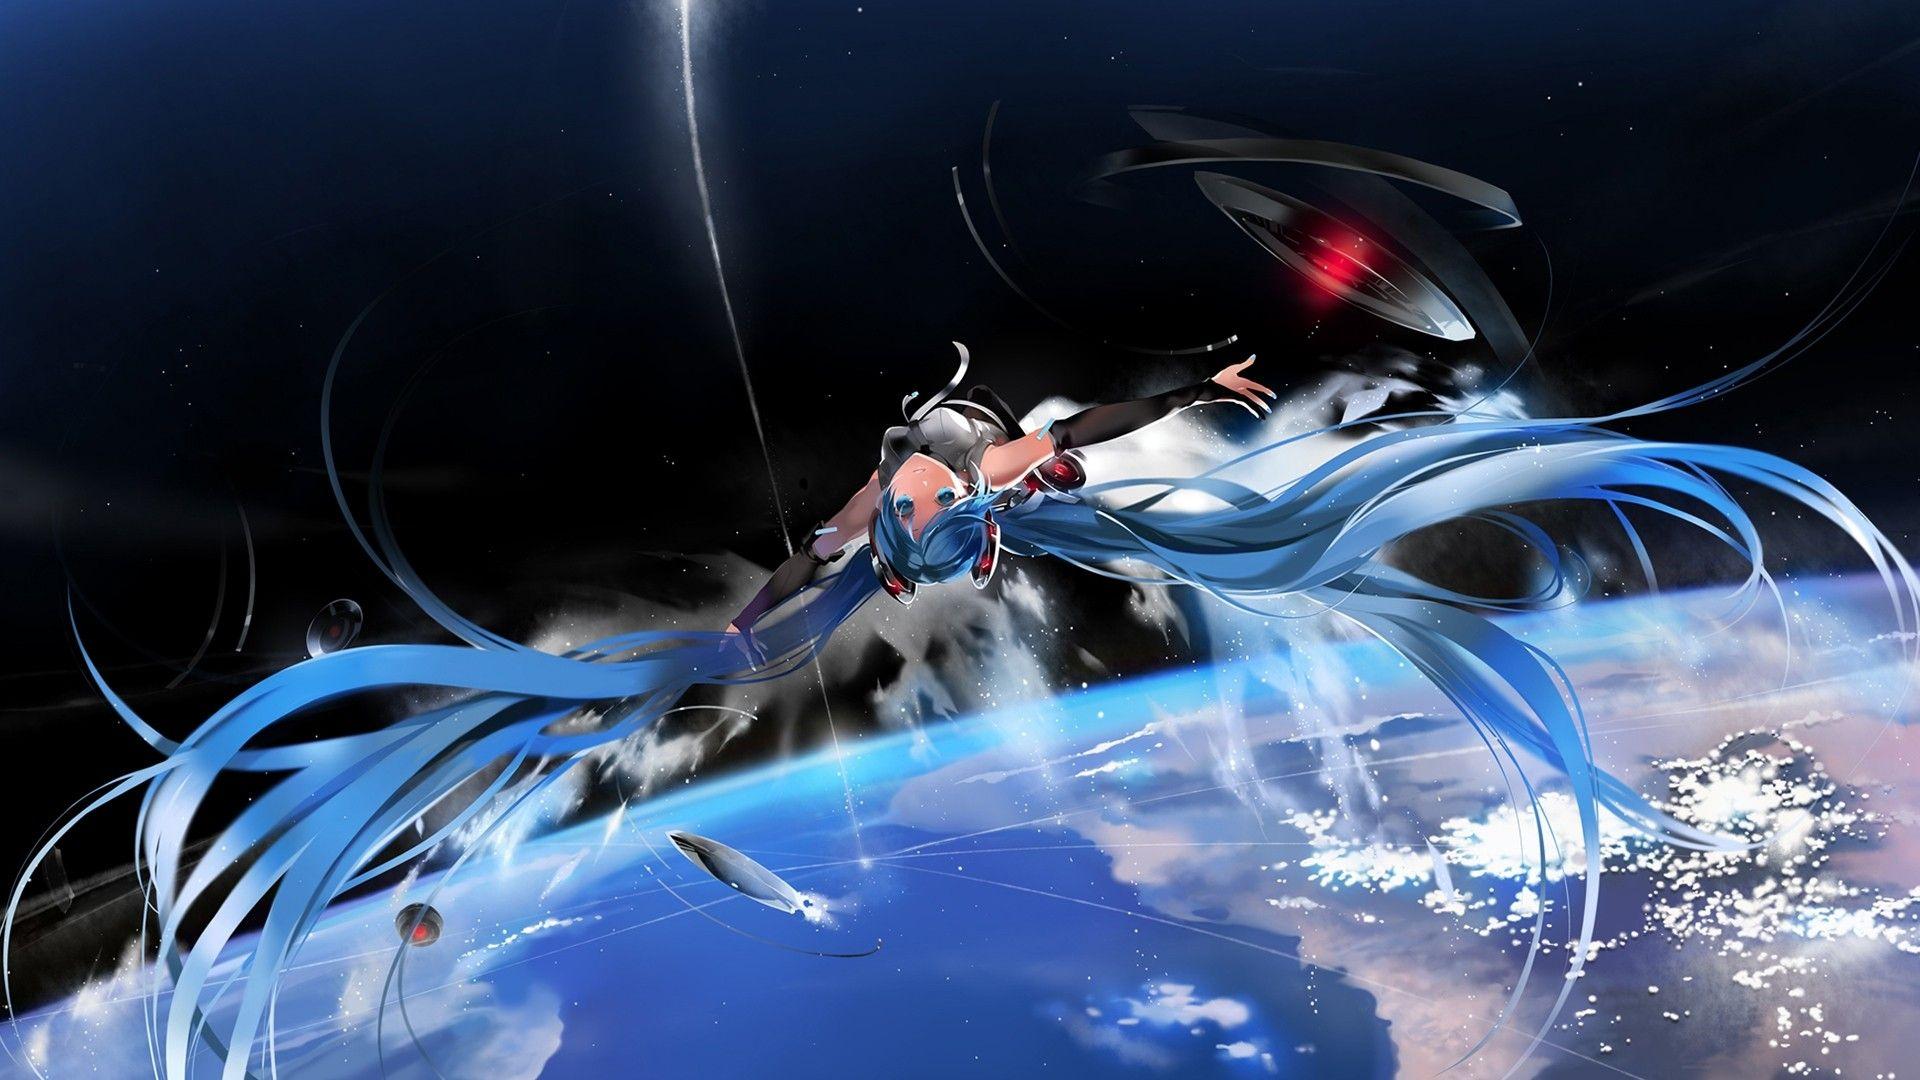 Anime 1920x1080 Hatsune Miku Vocaloid | One piece | Vocaloid